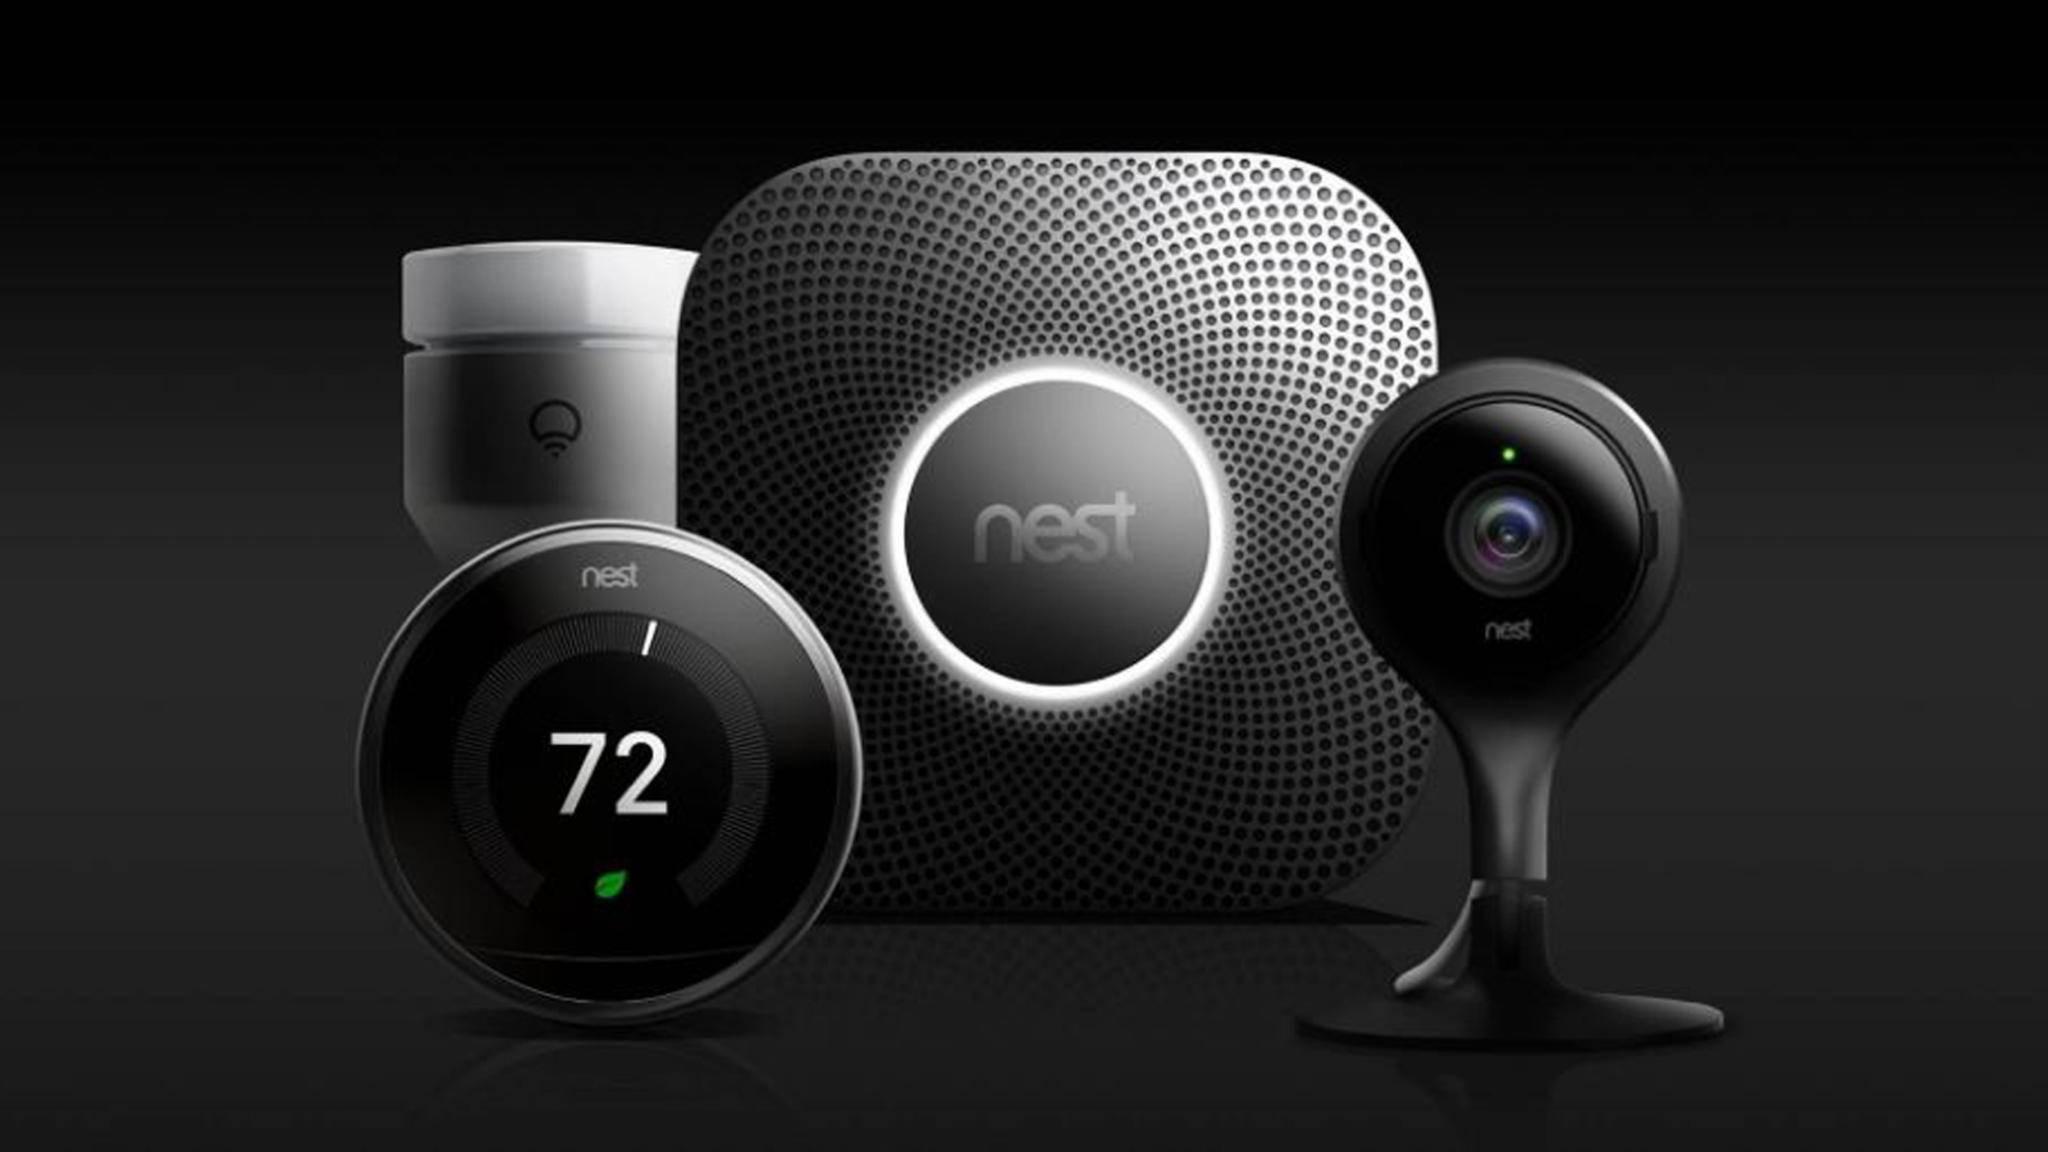 Nest könnte schon bald verschiedene neue Produkte fürs Smart Home auf den Markt bringen.